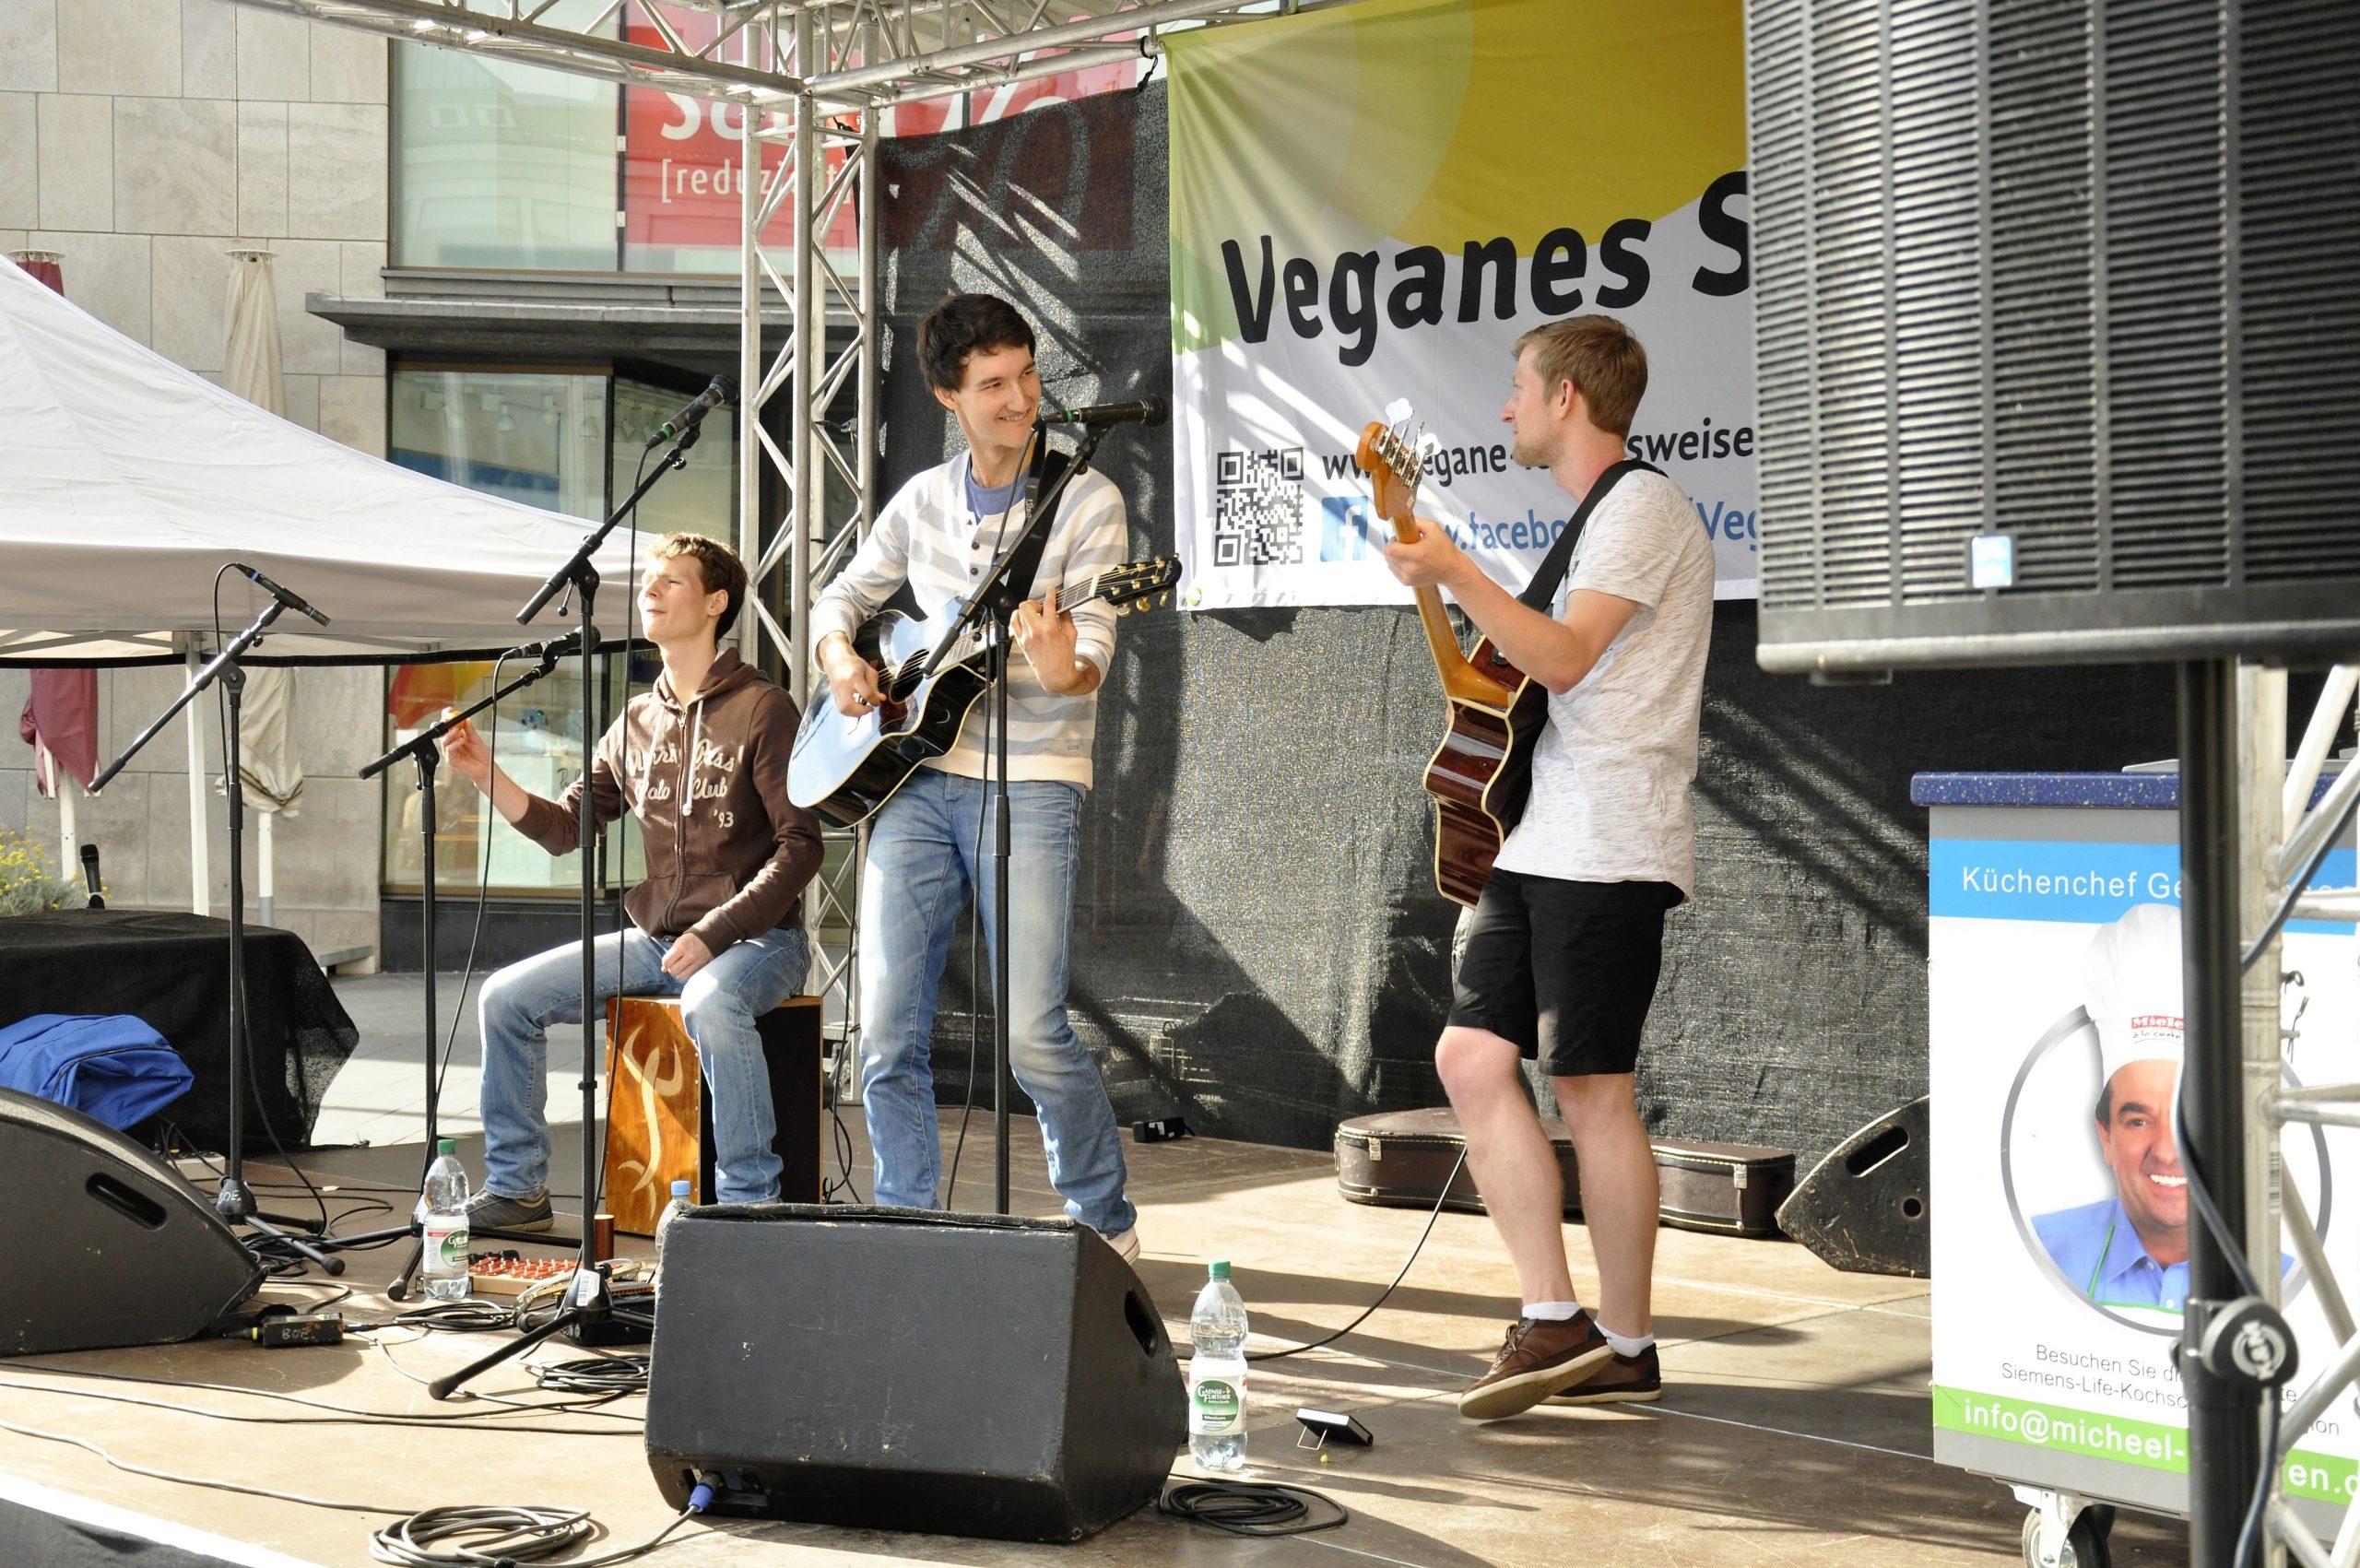 Auftrittsbild der Singer-Songwriter-Band Strandheizung vom Veganen Sommerfest in Halle/Saale im Juli 2016.